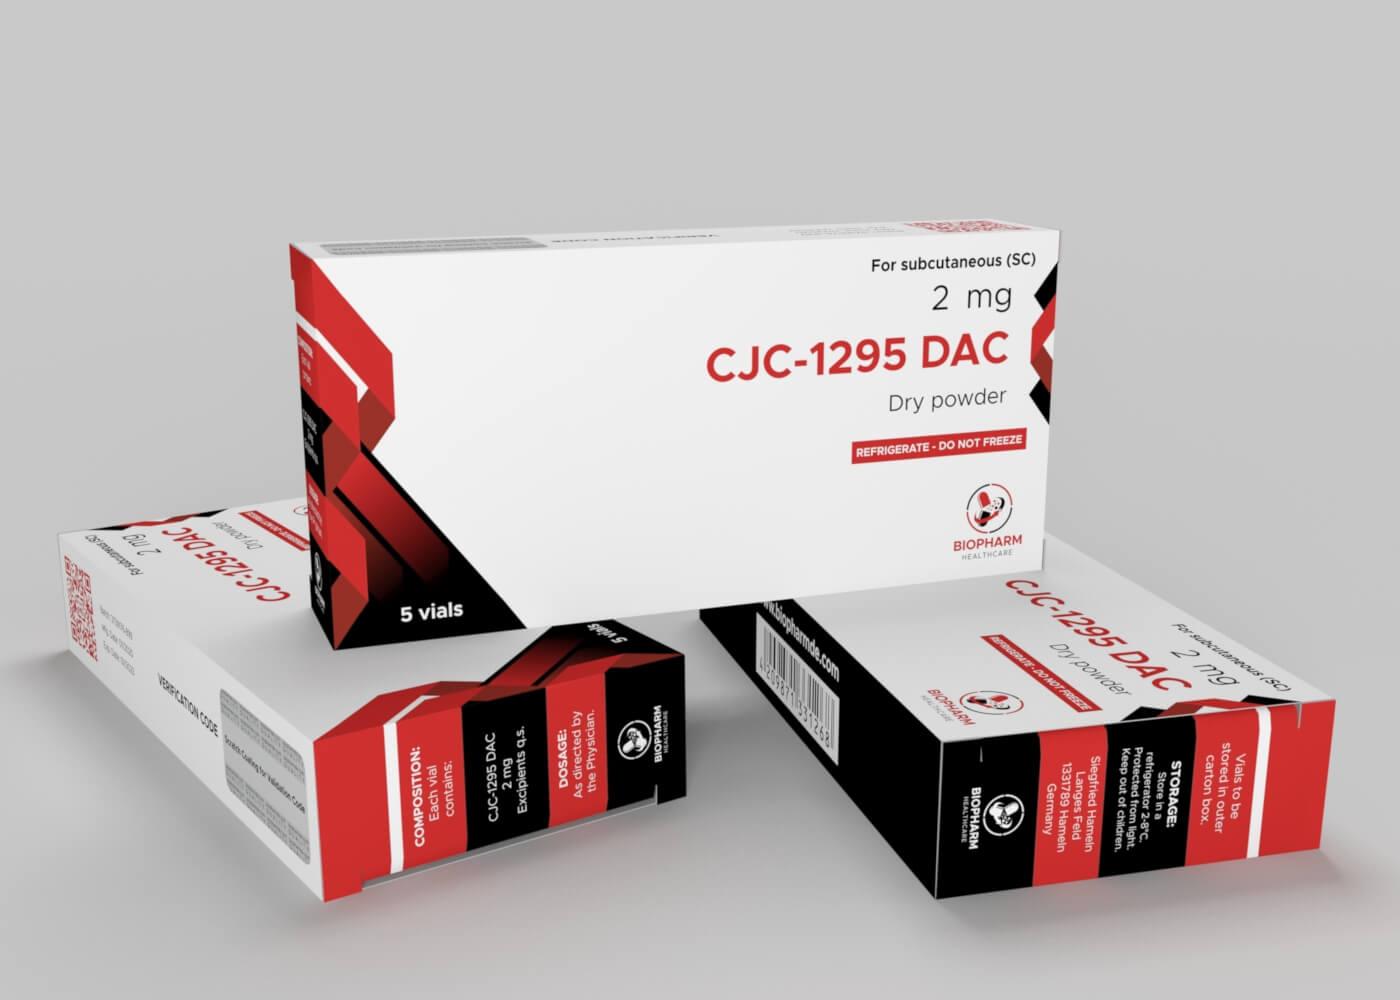 CJC-1295 DAC